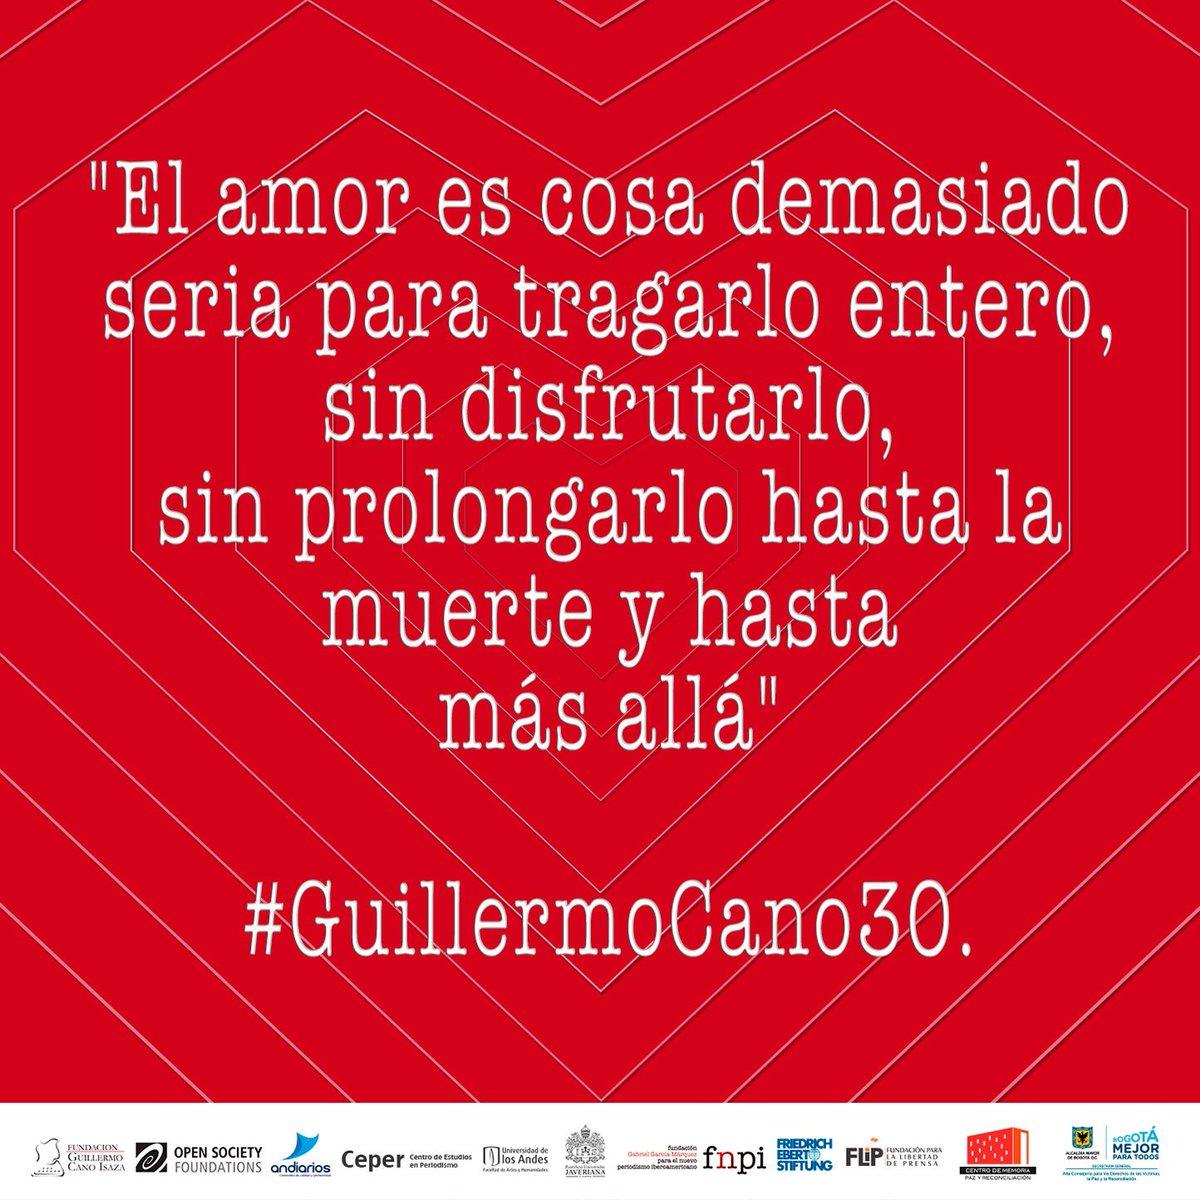 Centro De Memoria Paz Y Reconciliacion On Twitter Las Frases De